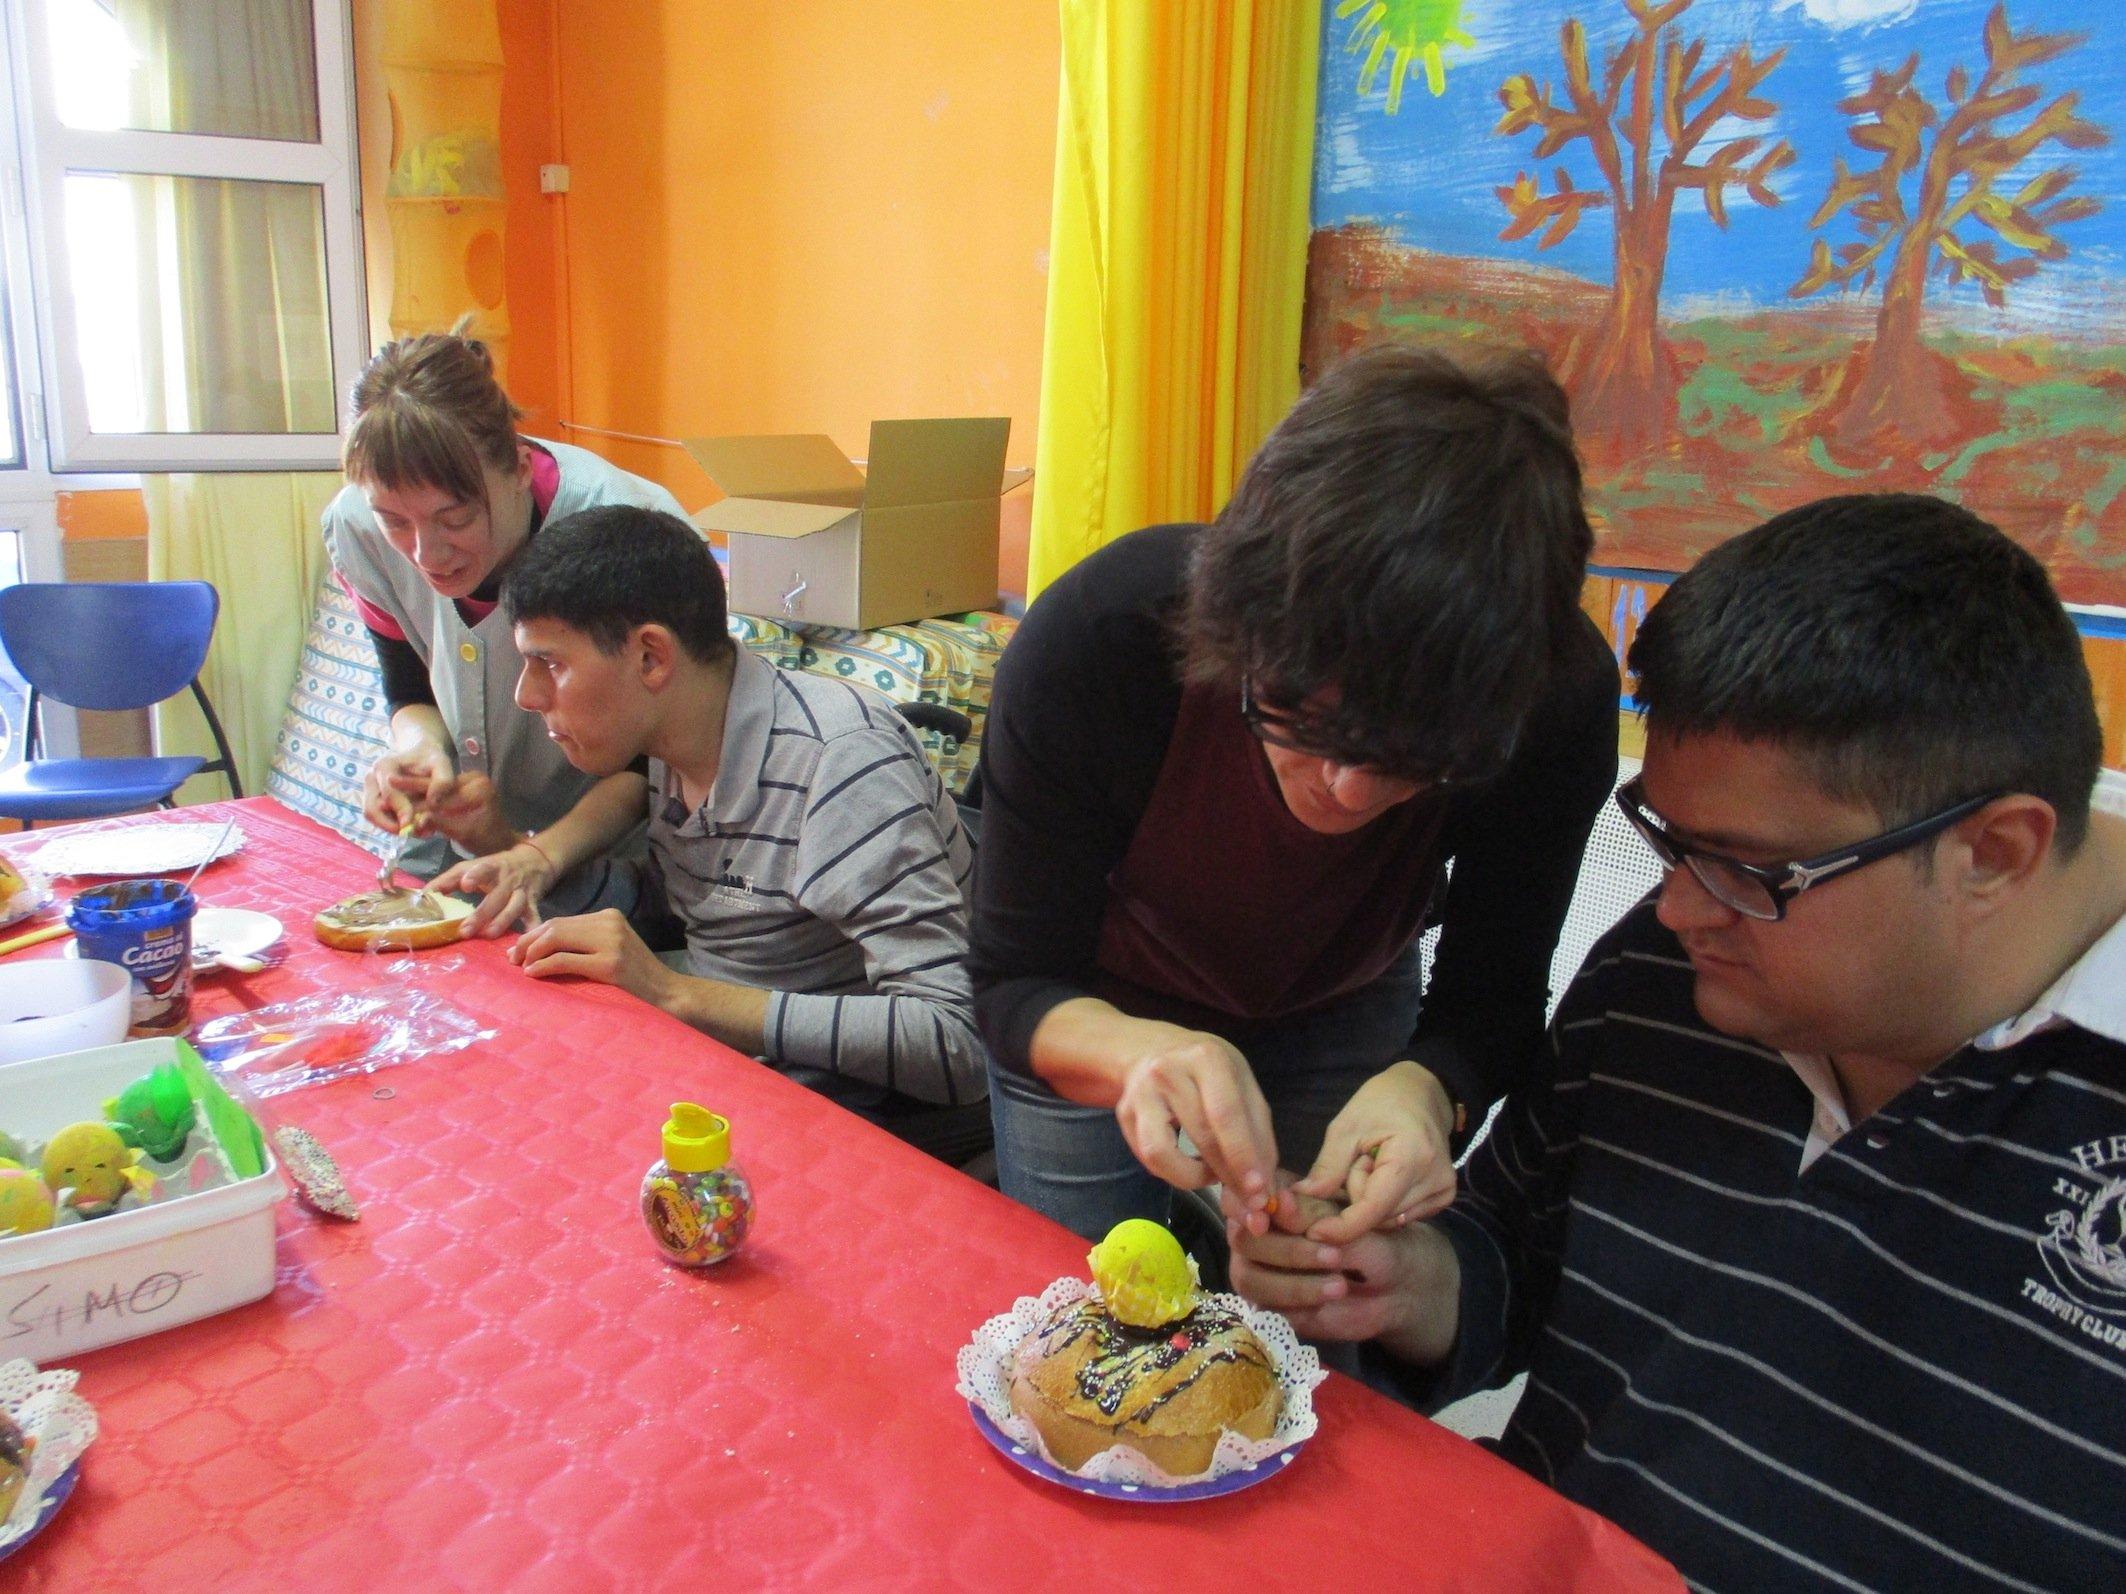 Usuaris del CAE l'Àngel preparant mones de pasqüa